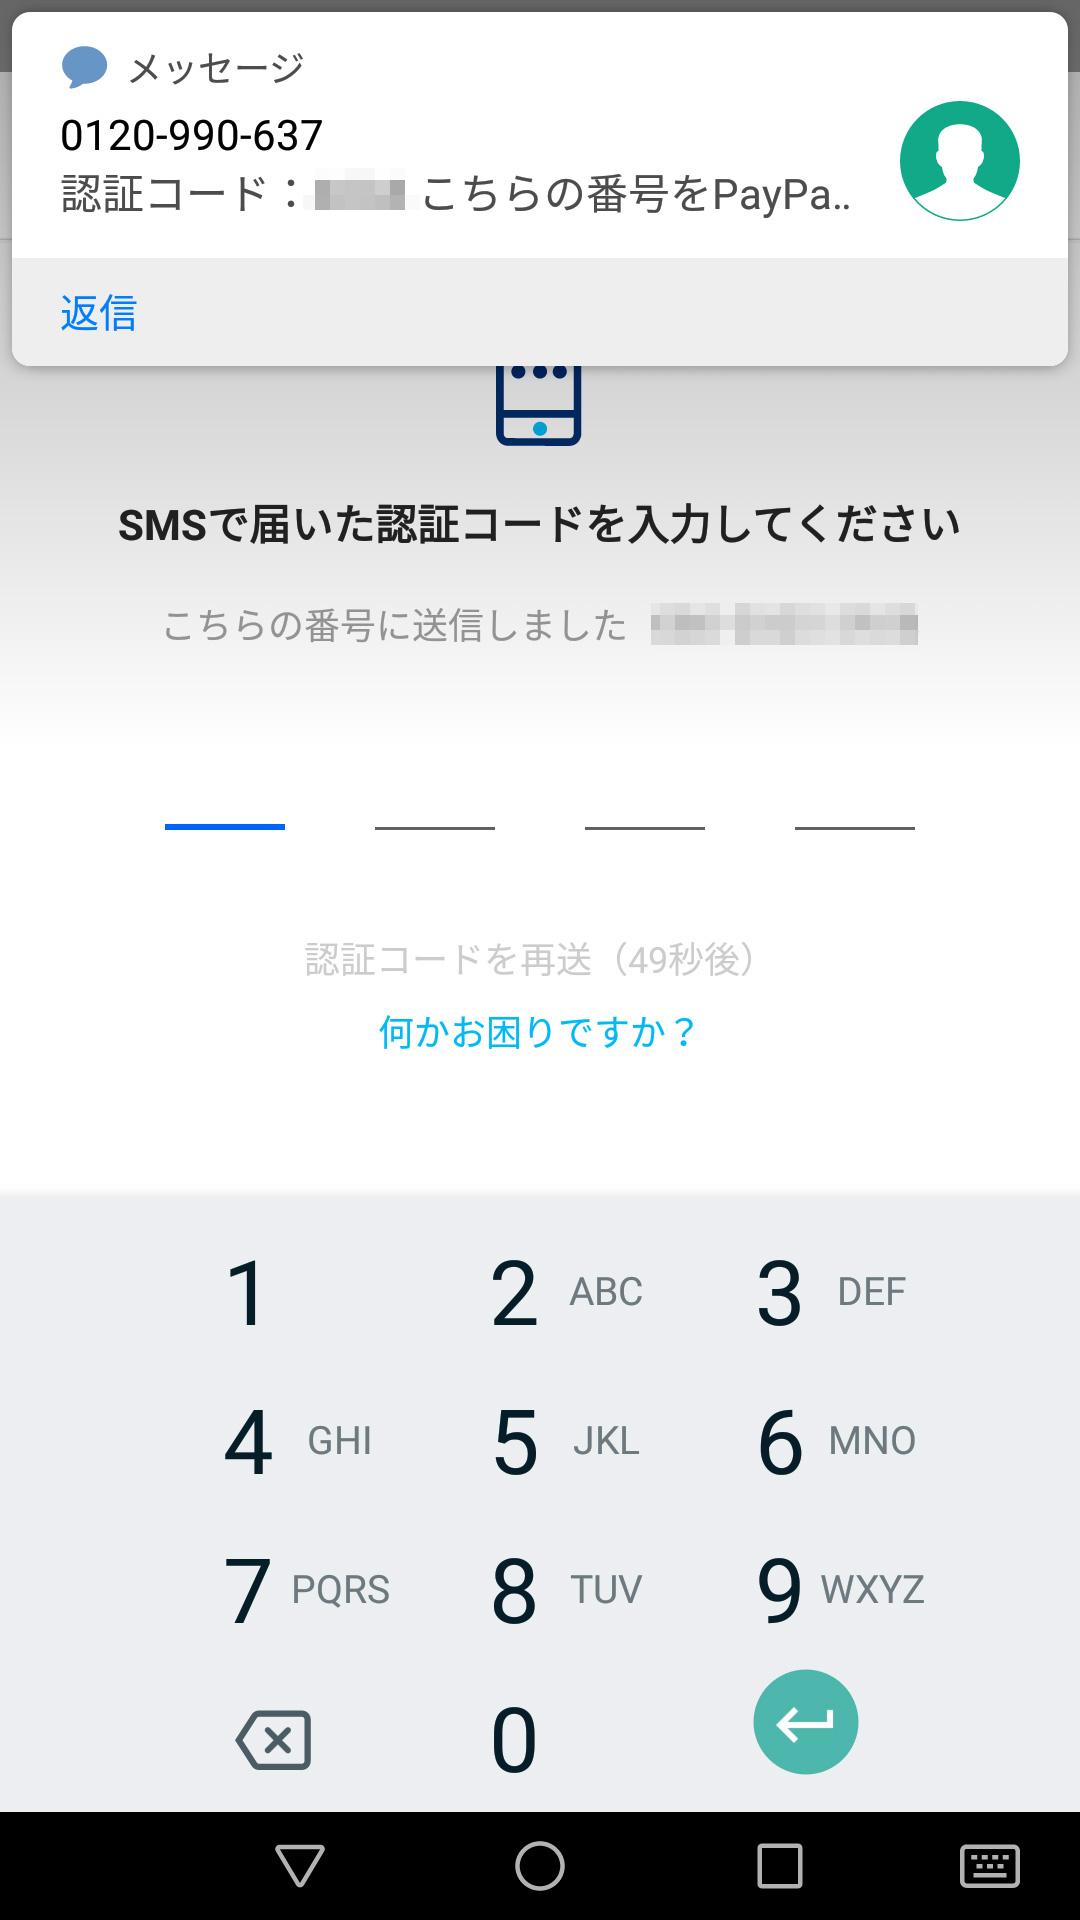 ショートメッセージの暗証番号